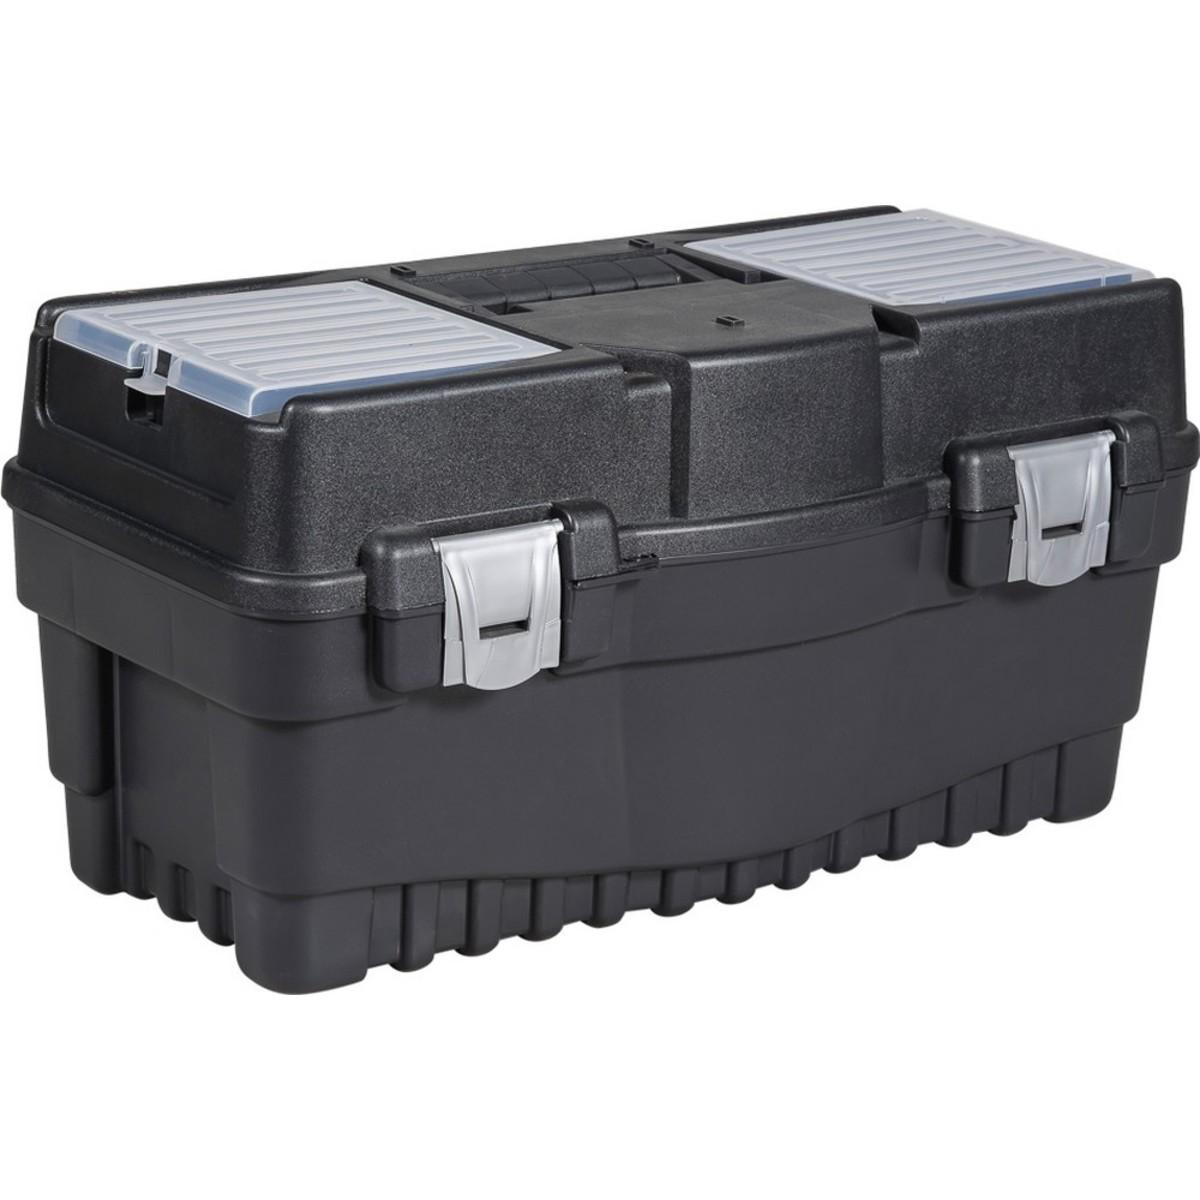 Ящик для инструментов МастерАлмаз STANDARD 547x271x278 мм